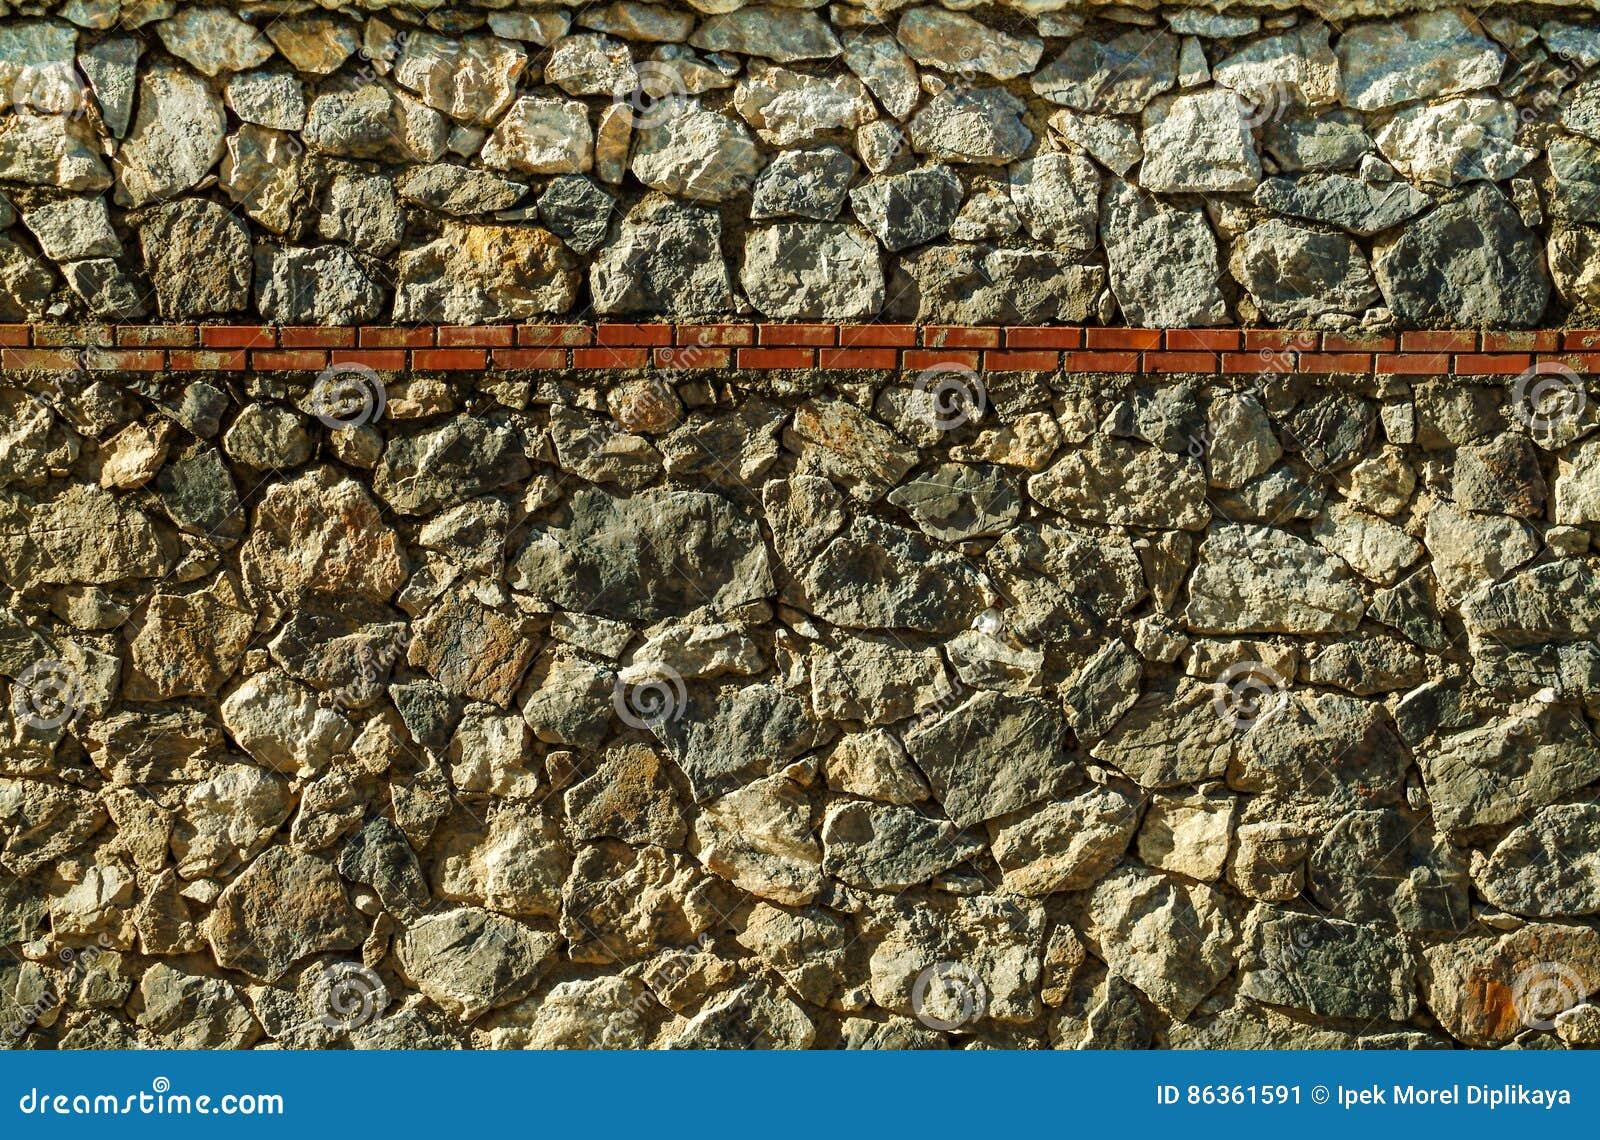 Awesome download muri la superficie con le pietre reali for Muri con pietre a vista